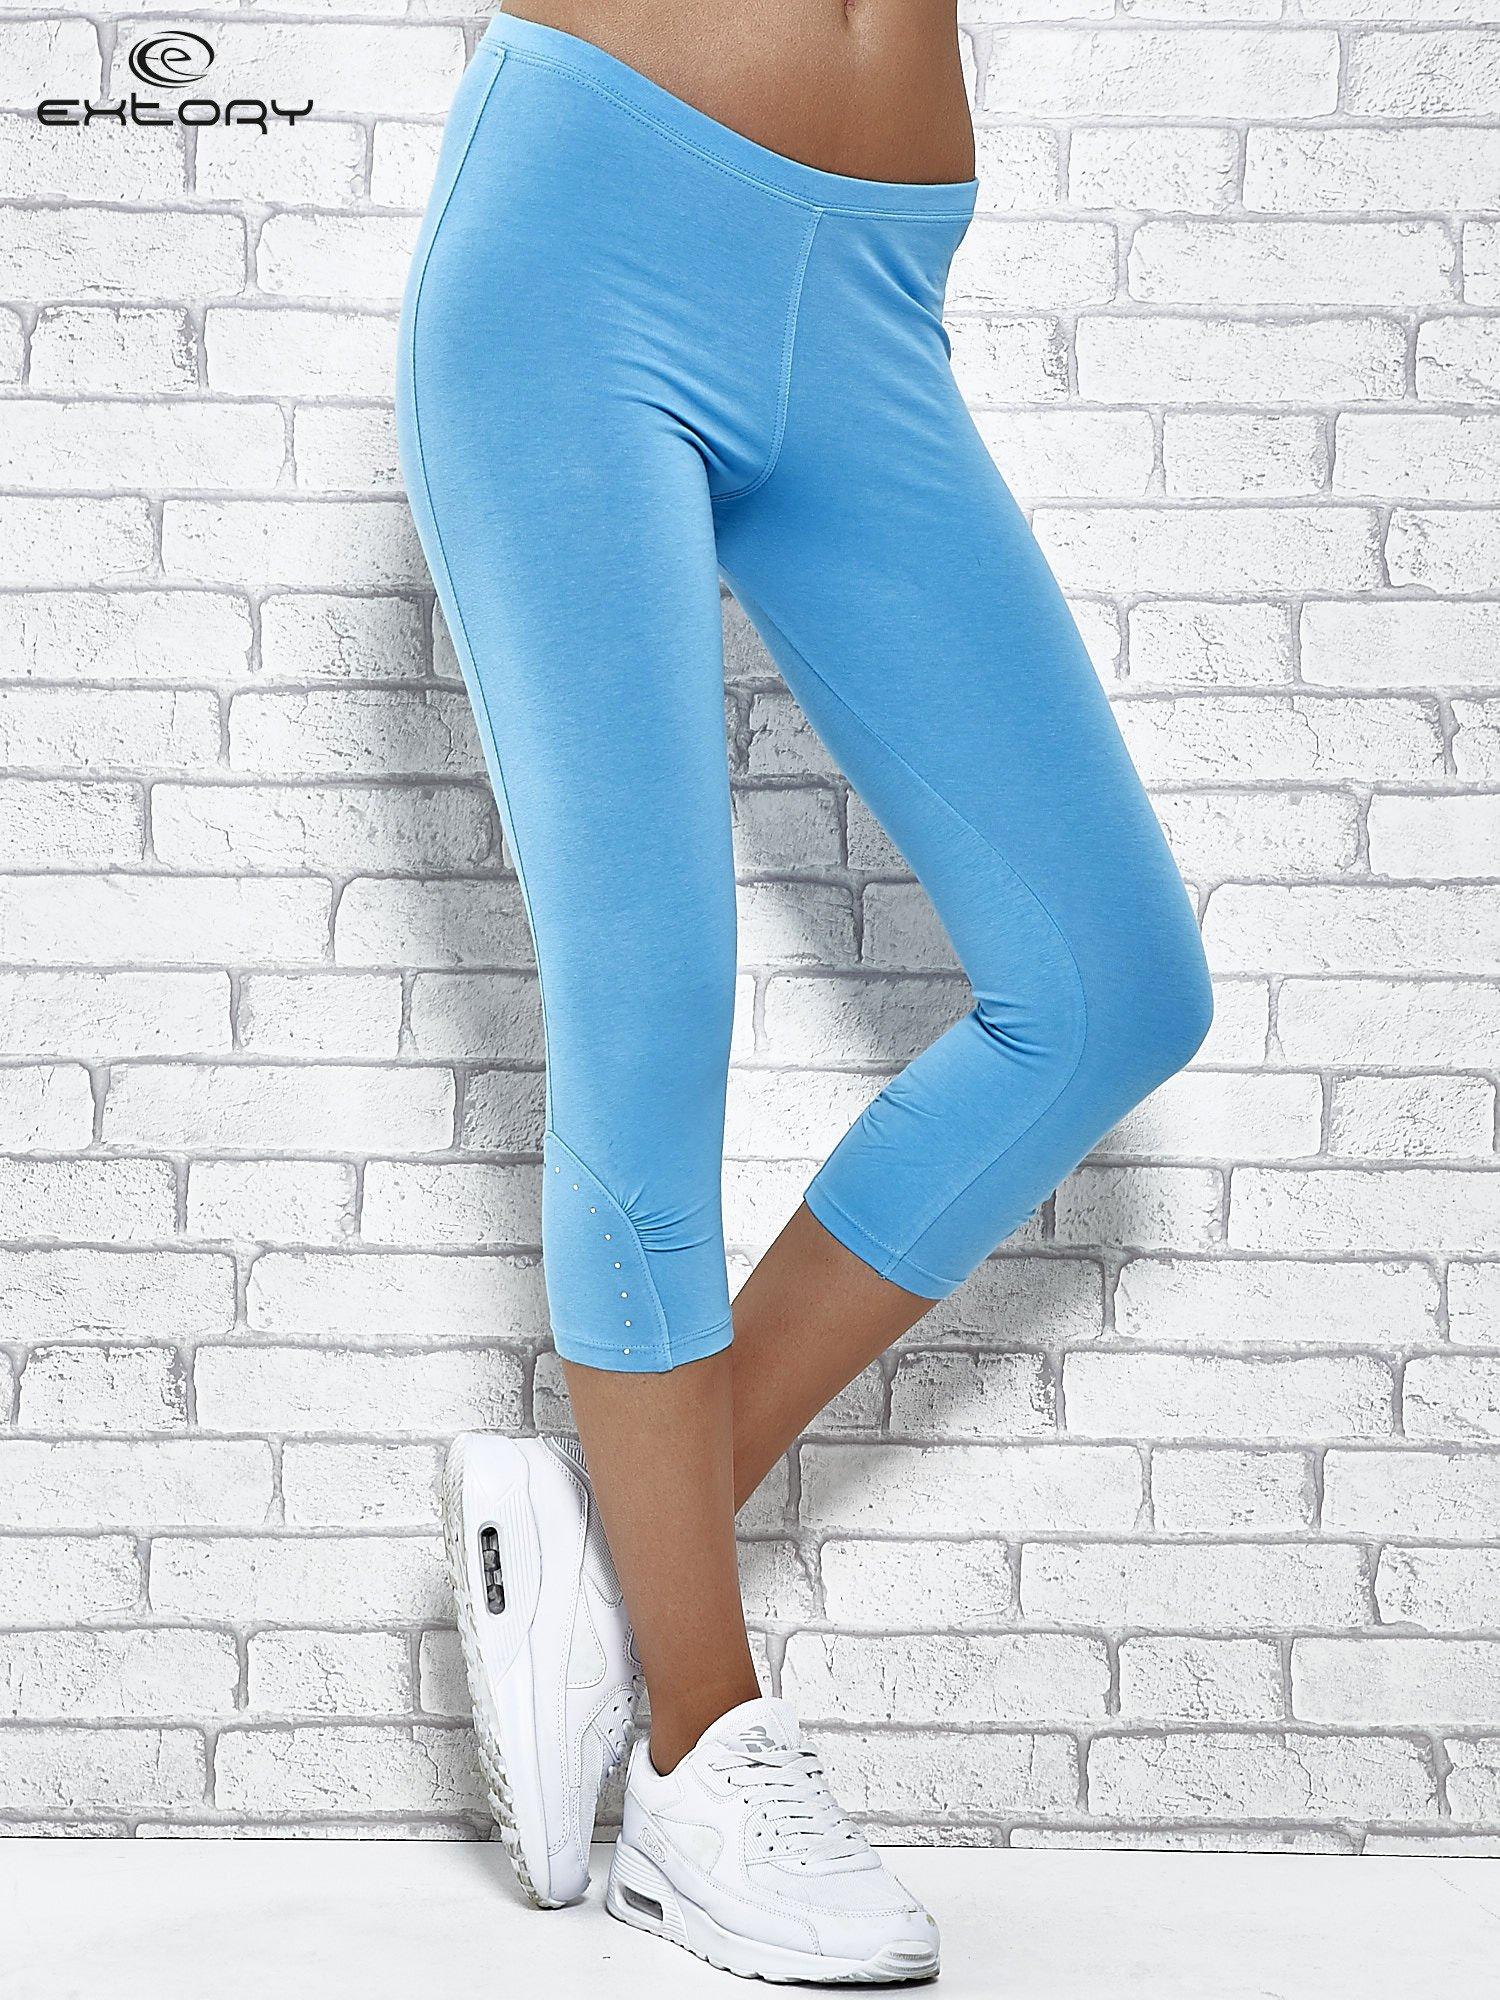 Turkusowe legginsy sportowe z dżetami i marszczoną nogawką za kolano                                  zdj.                                  1